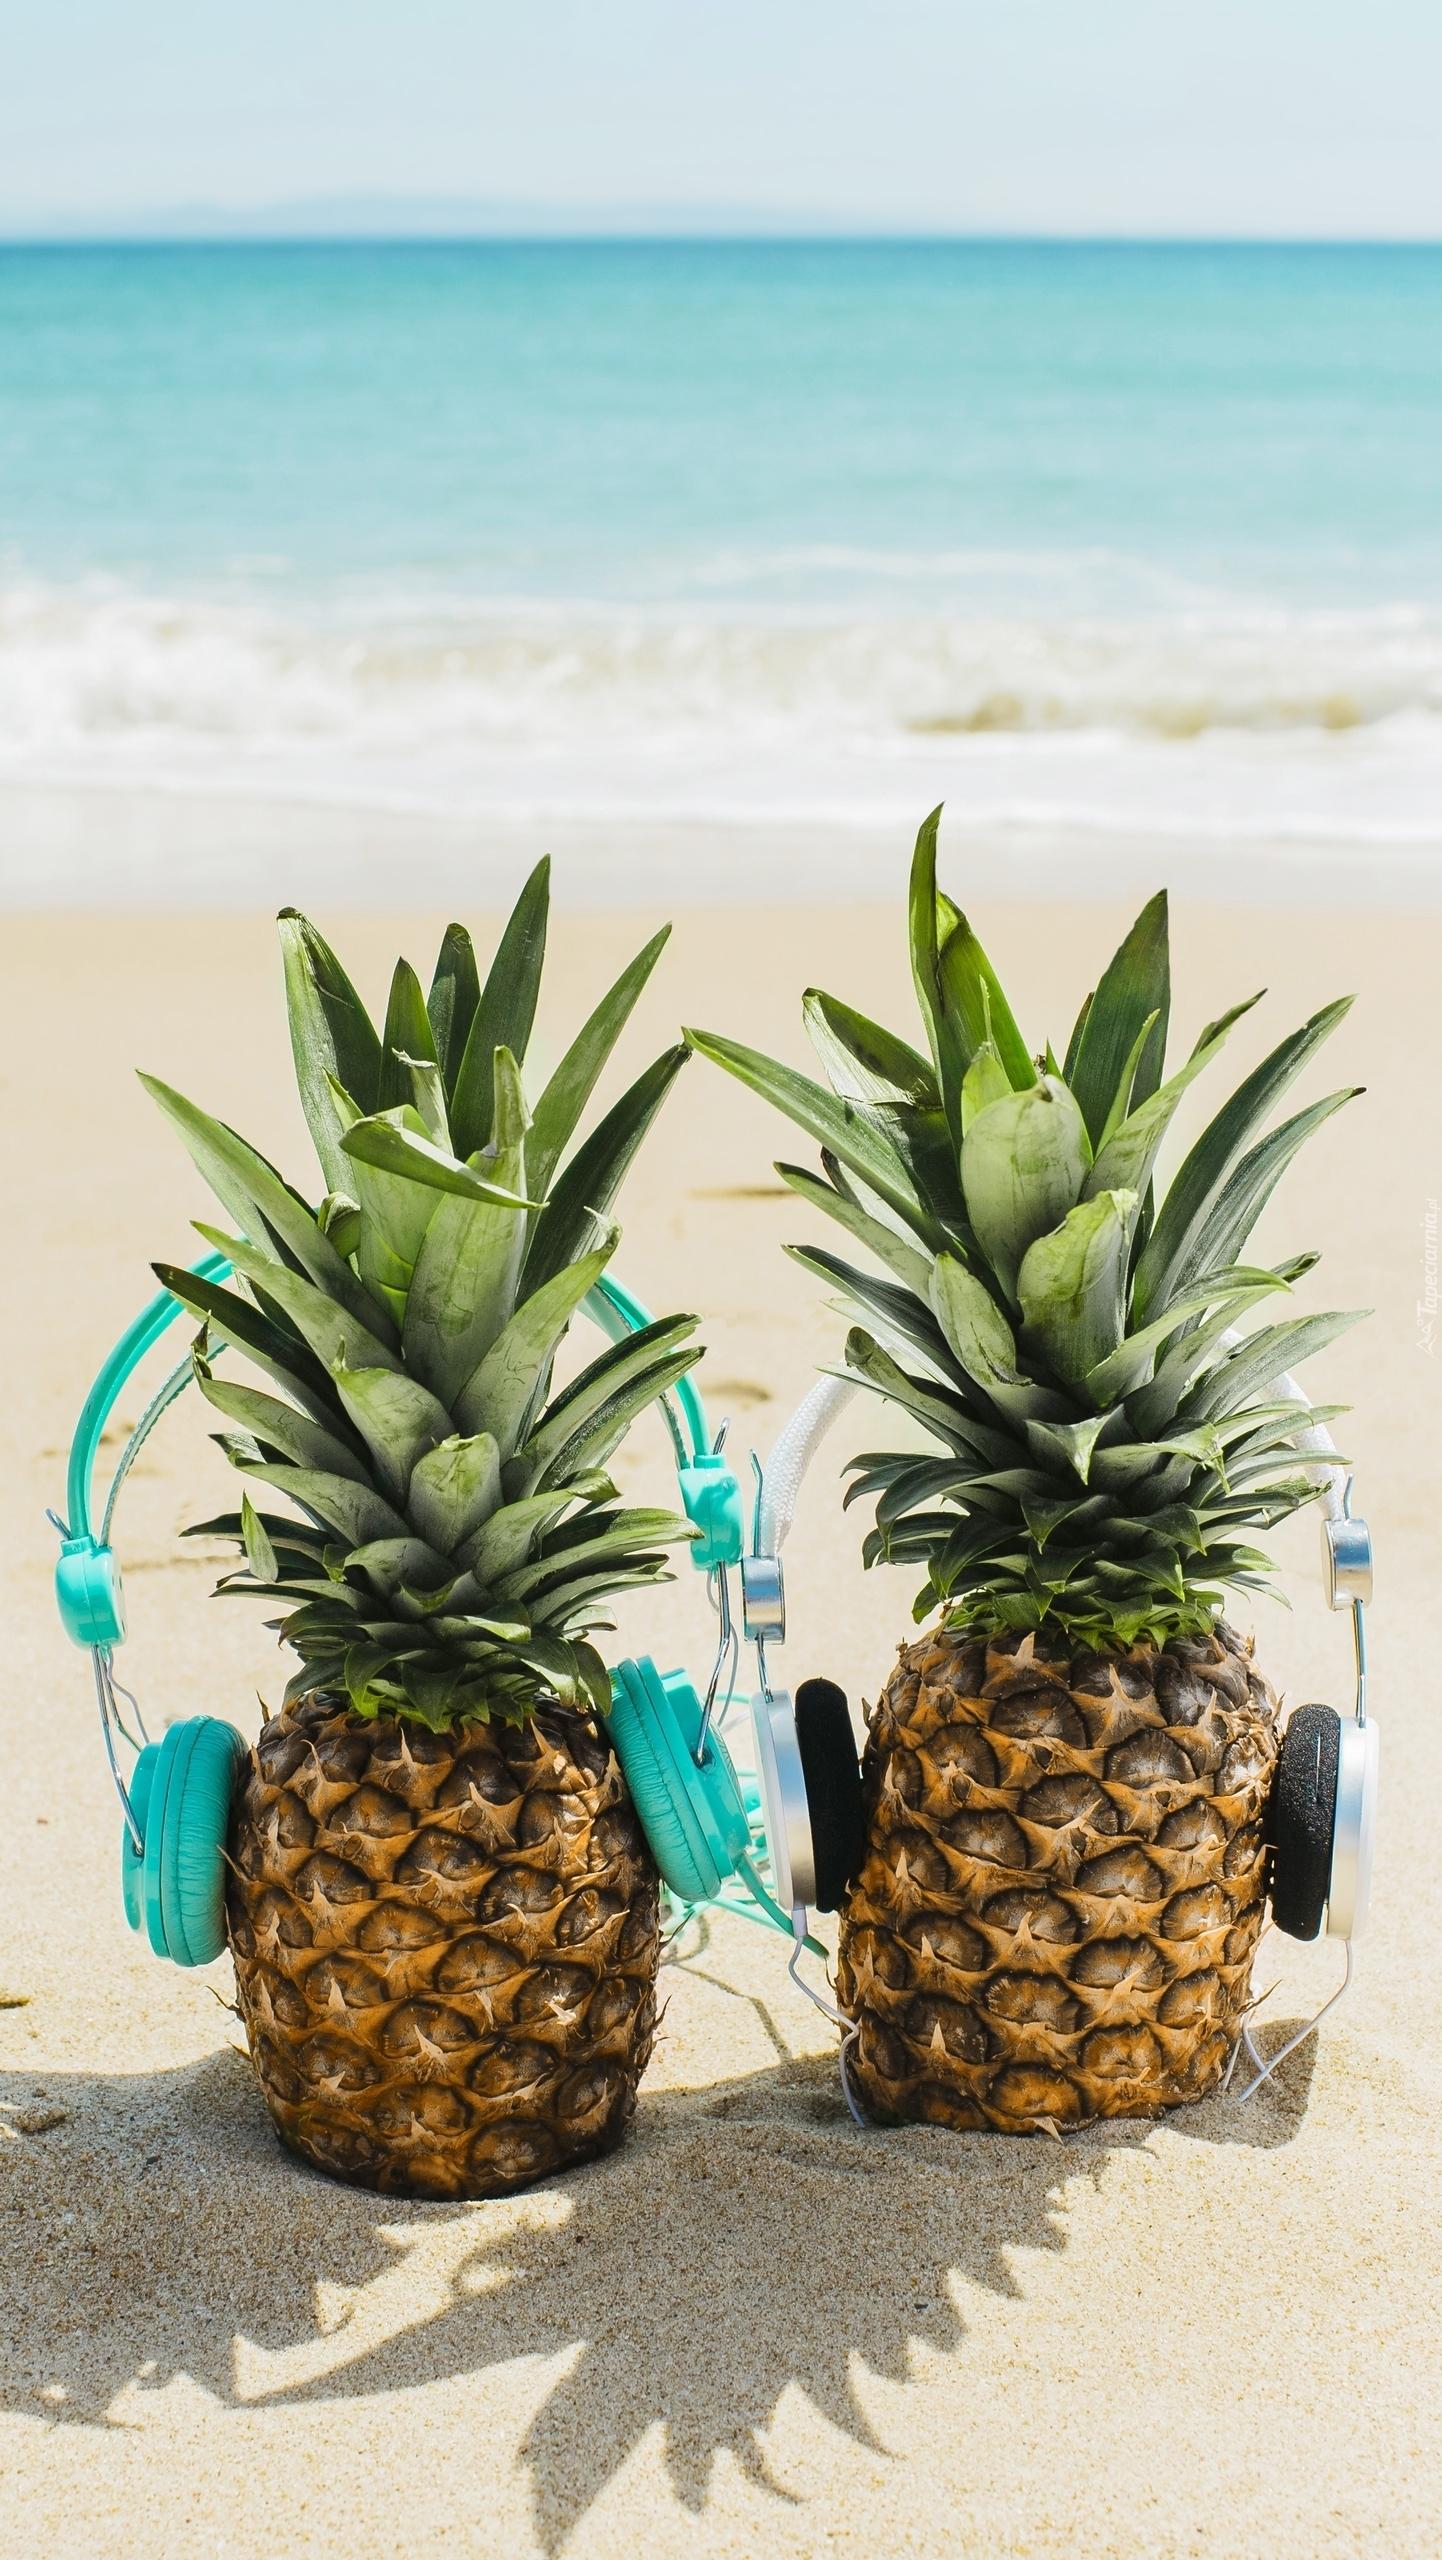 Ananasy ze słuchawkami na plaży